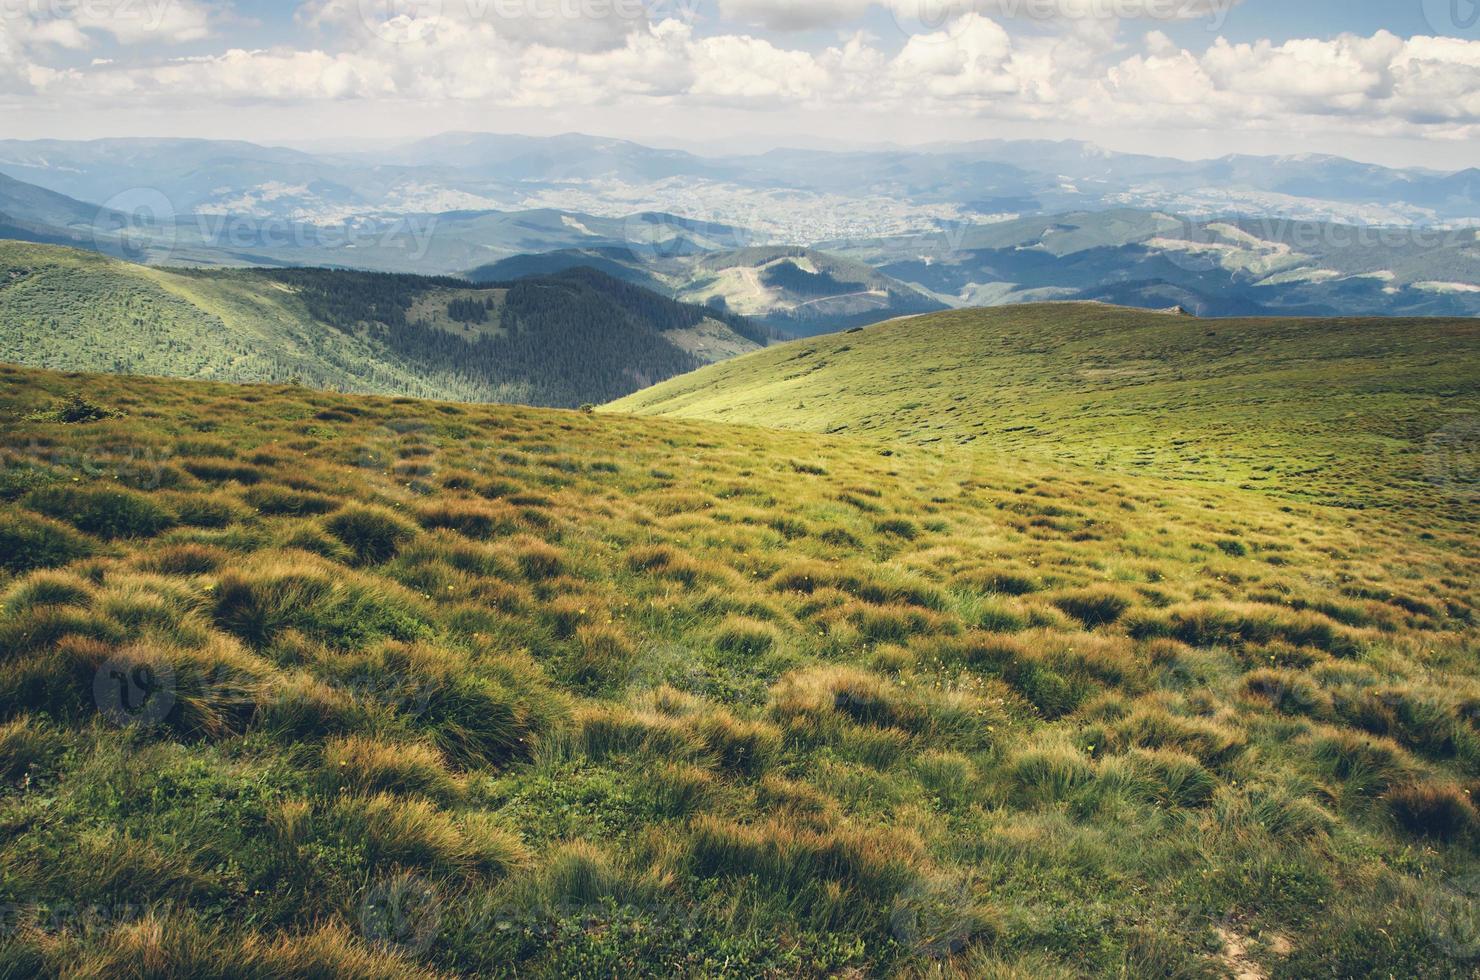 o mundo em repouso. bela paisagem montanhosa foto